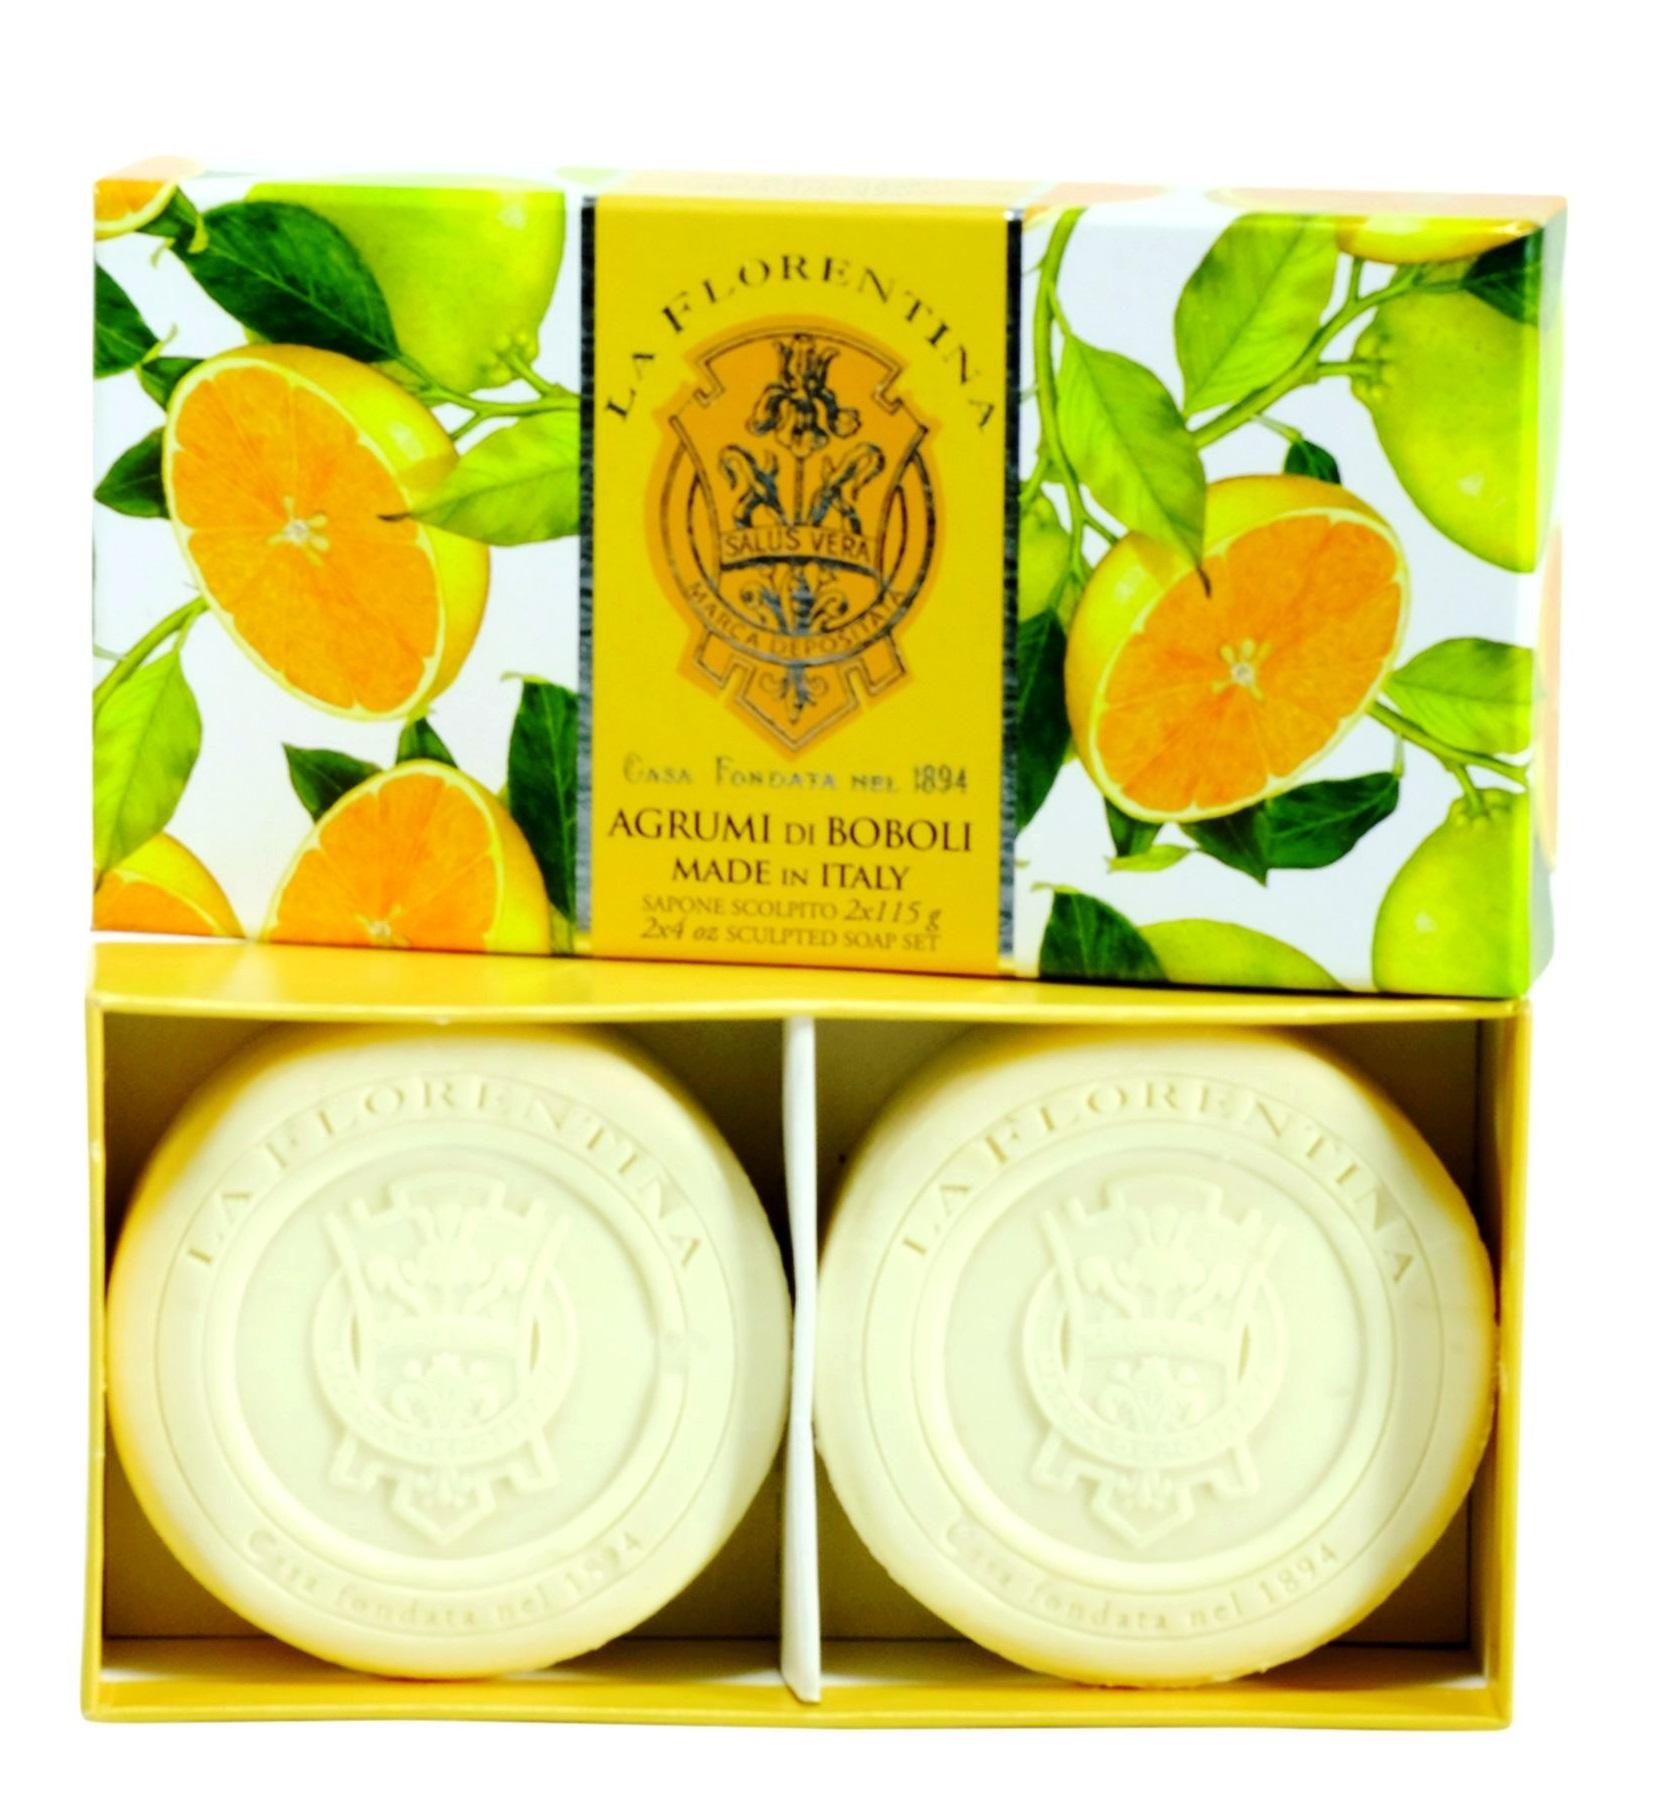 LA FLORENTINA Набор натурального мыла, цитрус / Citrus 2 х 115 г